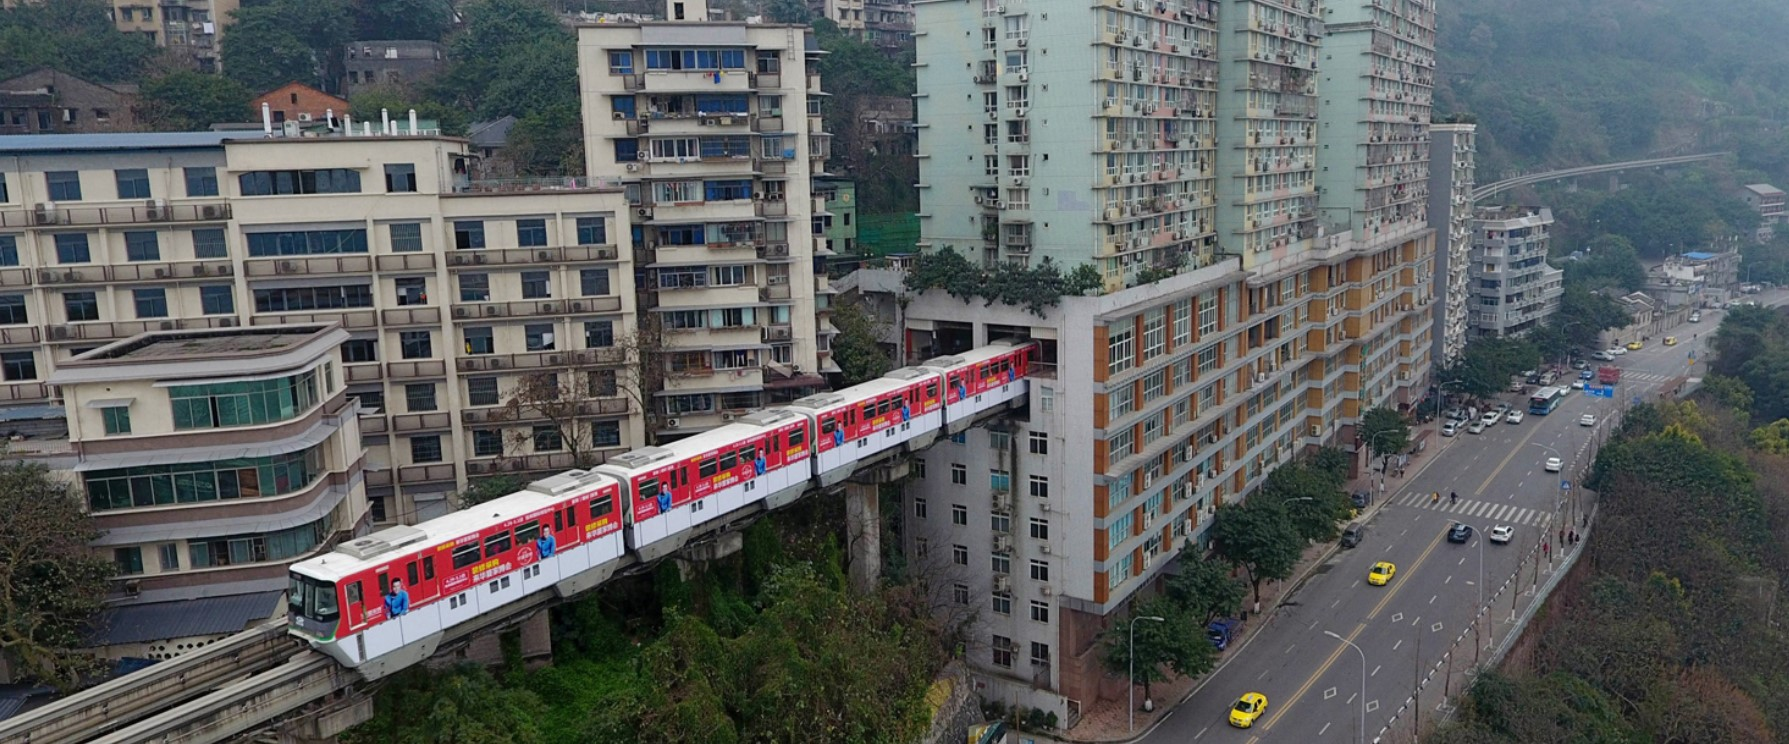 В китайском городе Чунцин внутри дома построили жд станцию (видео) 5